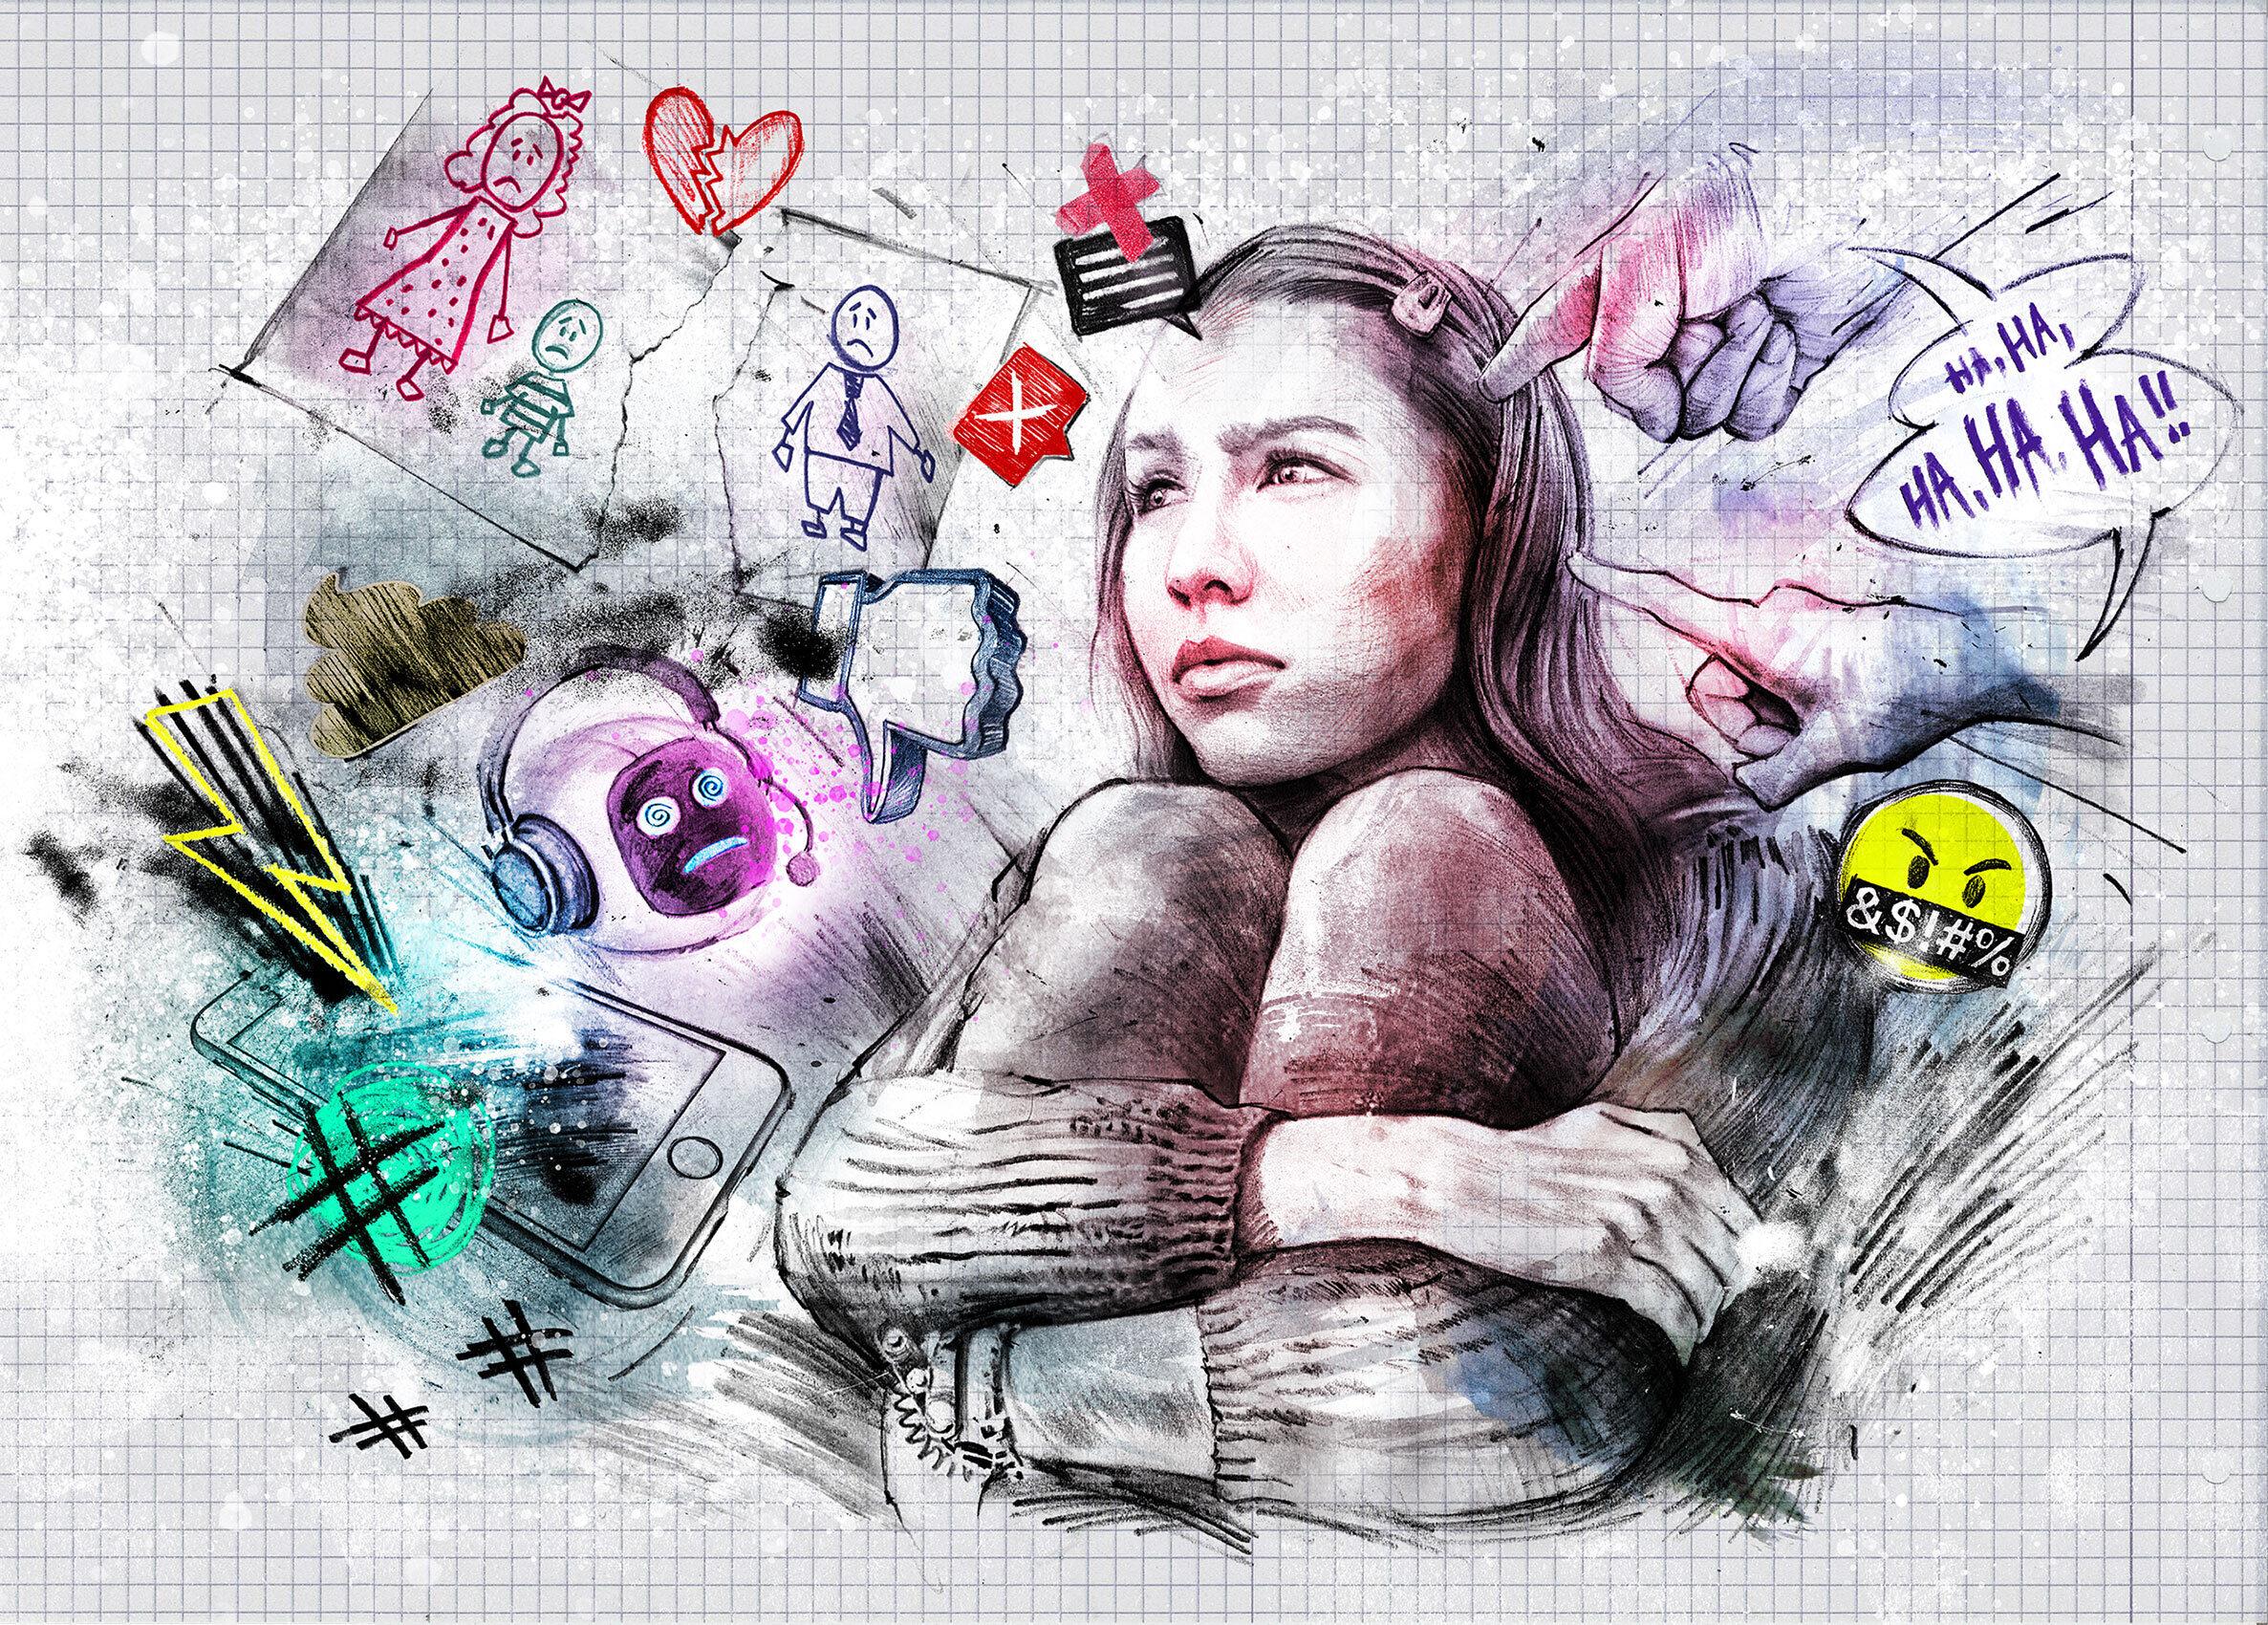 Mobbing illustration - Kornel Illustration | Kornel Stadler portfolio